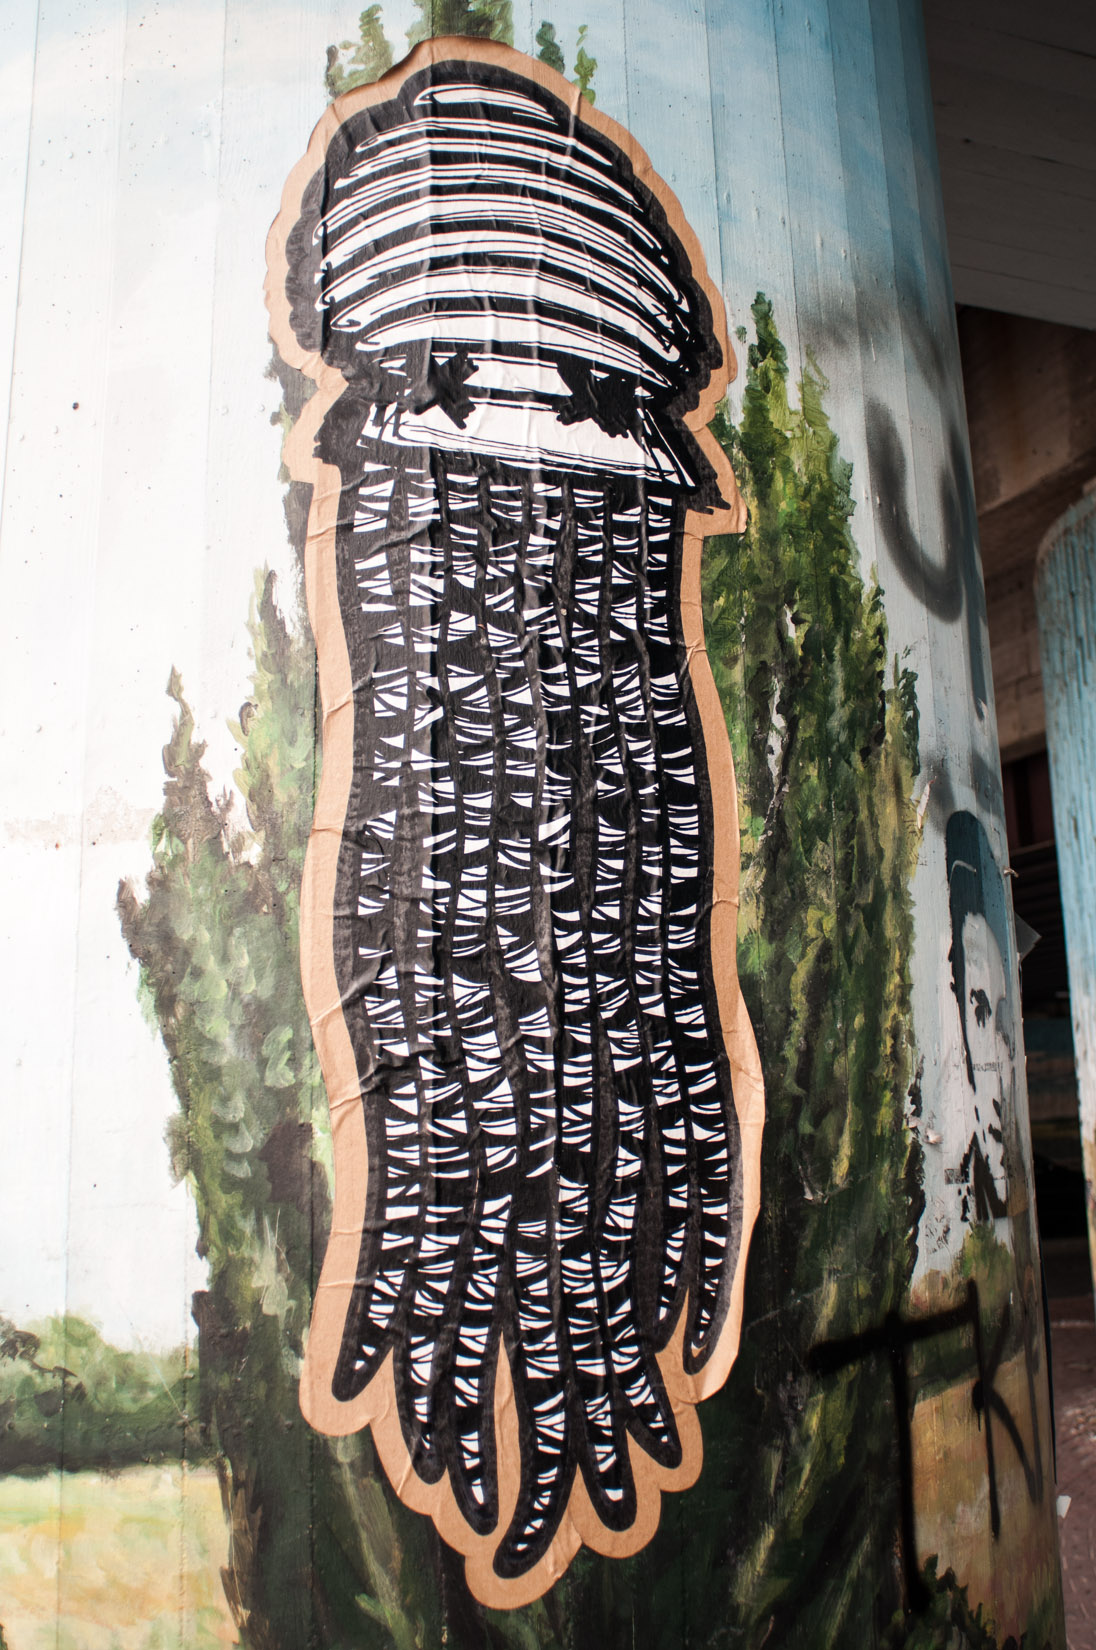 Frankfurt_Graffiti_Gallus Warte_2014-03 (45 von 45)